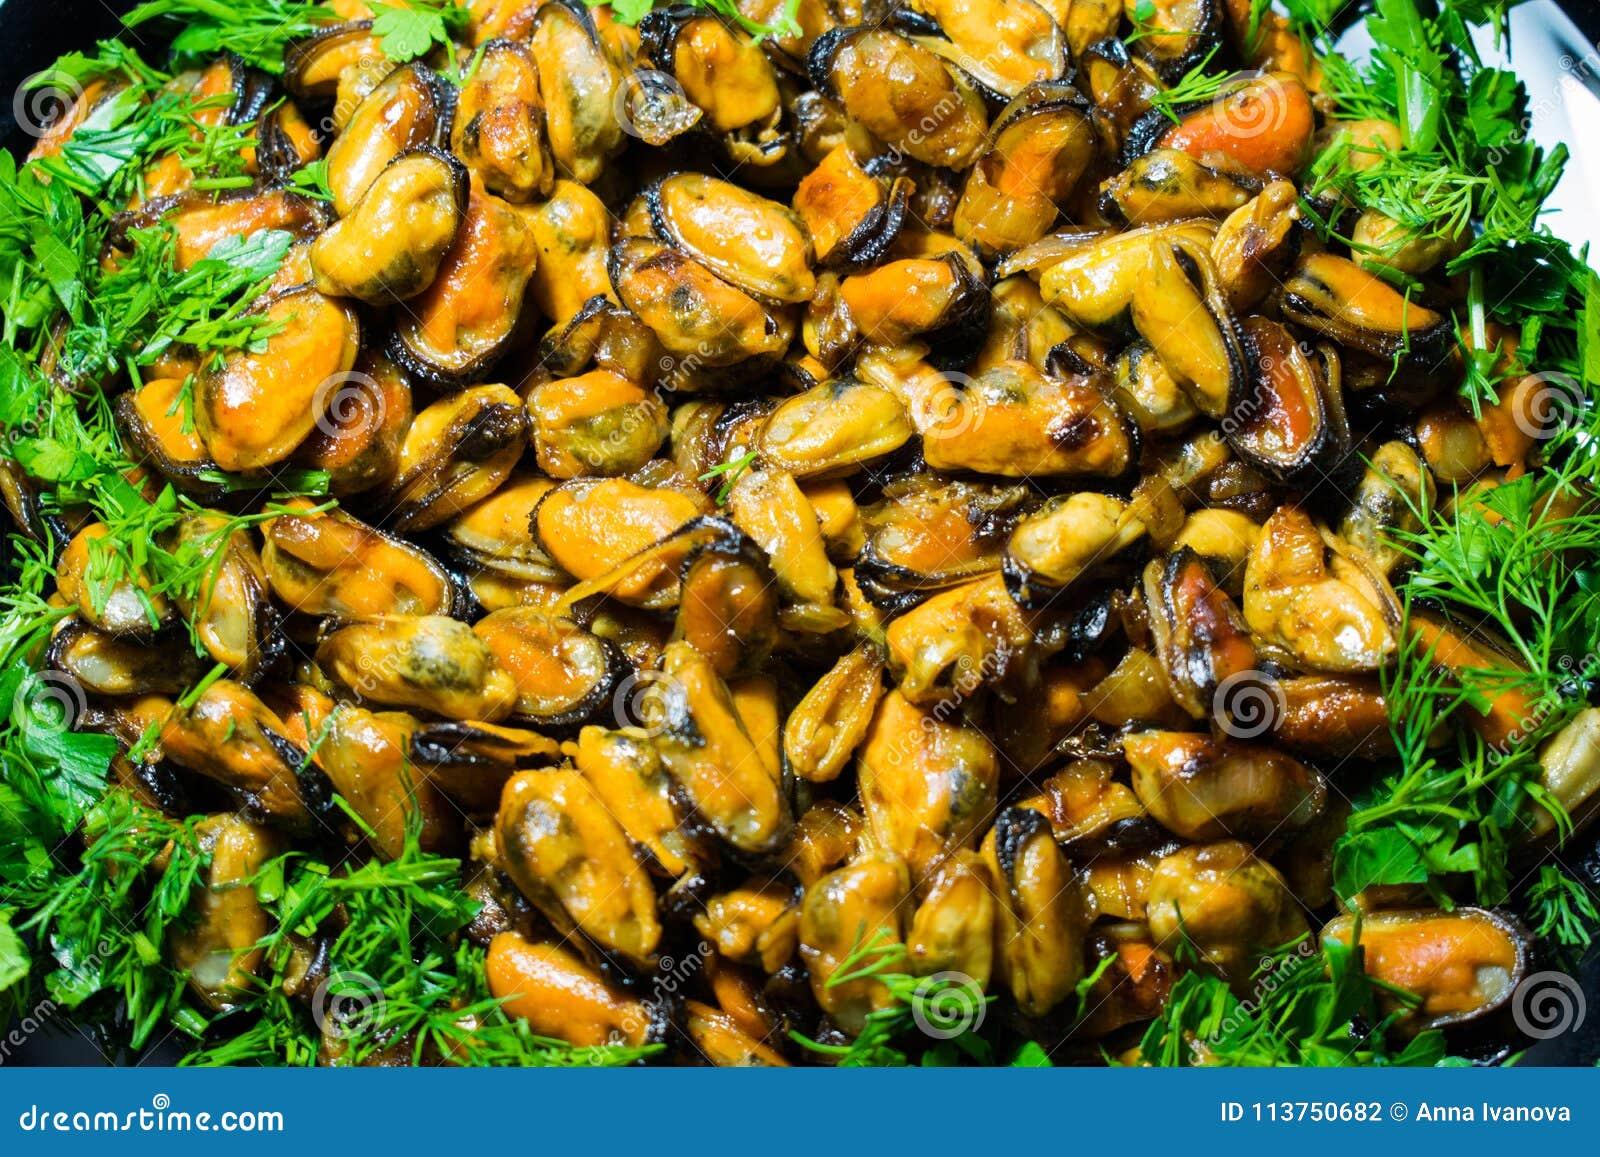 Mejillones apetitosos fritos café en un plato, adornado con verdor